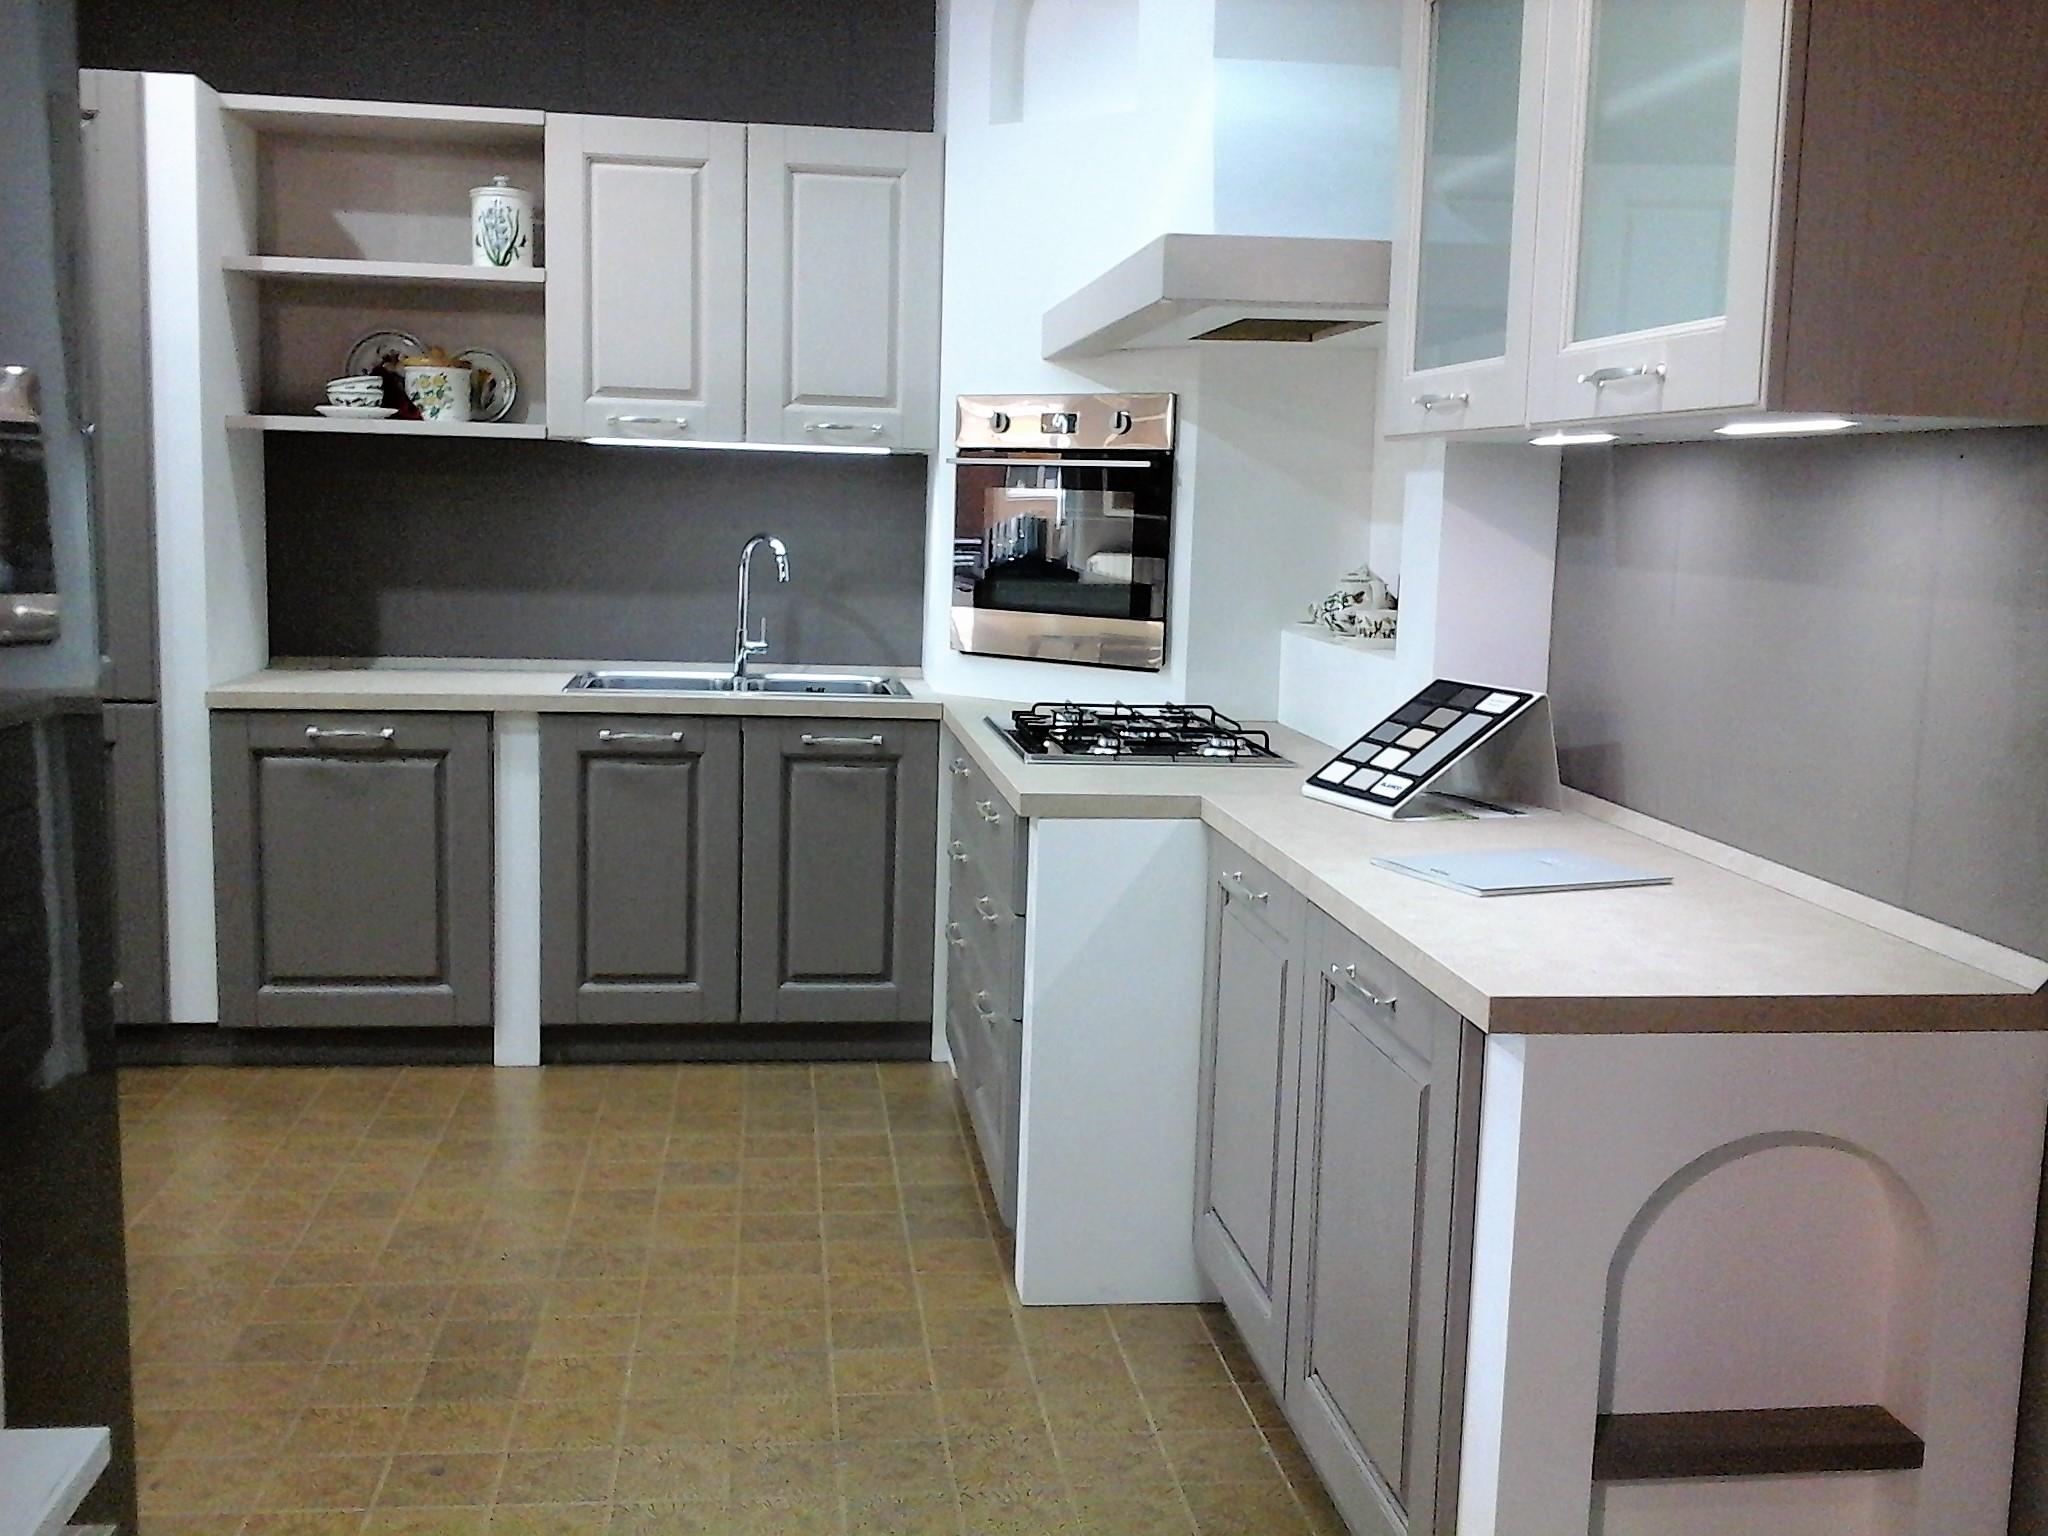 Cucina in muratura scontata atra cucine cucine a prezzi - Cucina a muratura ...